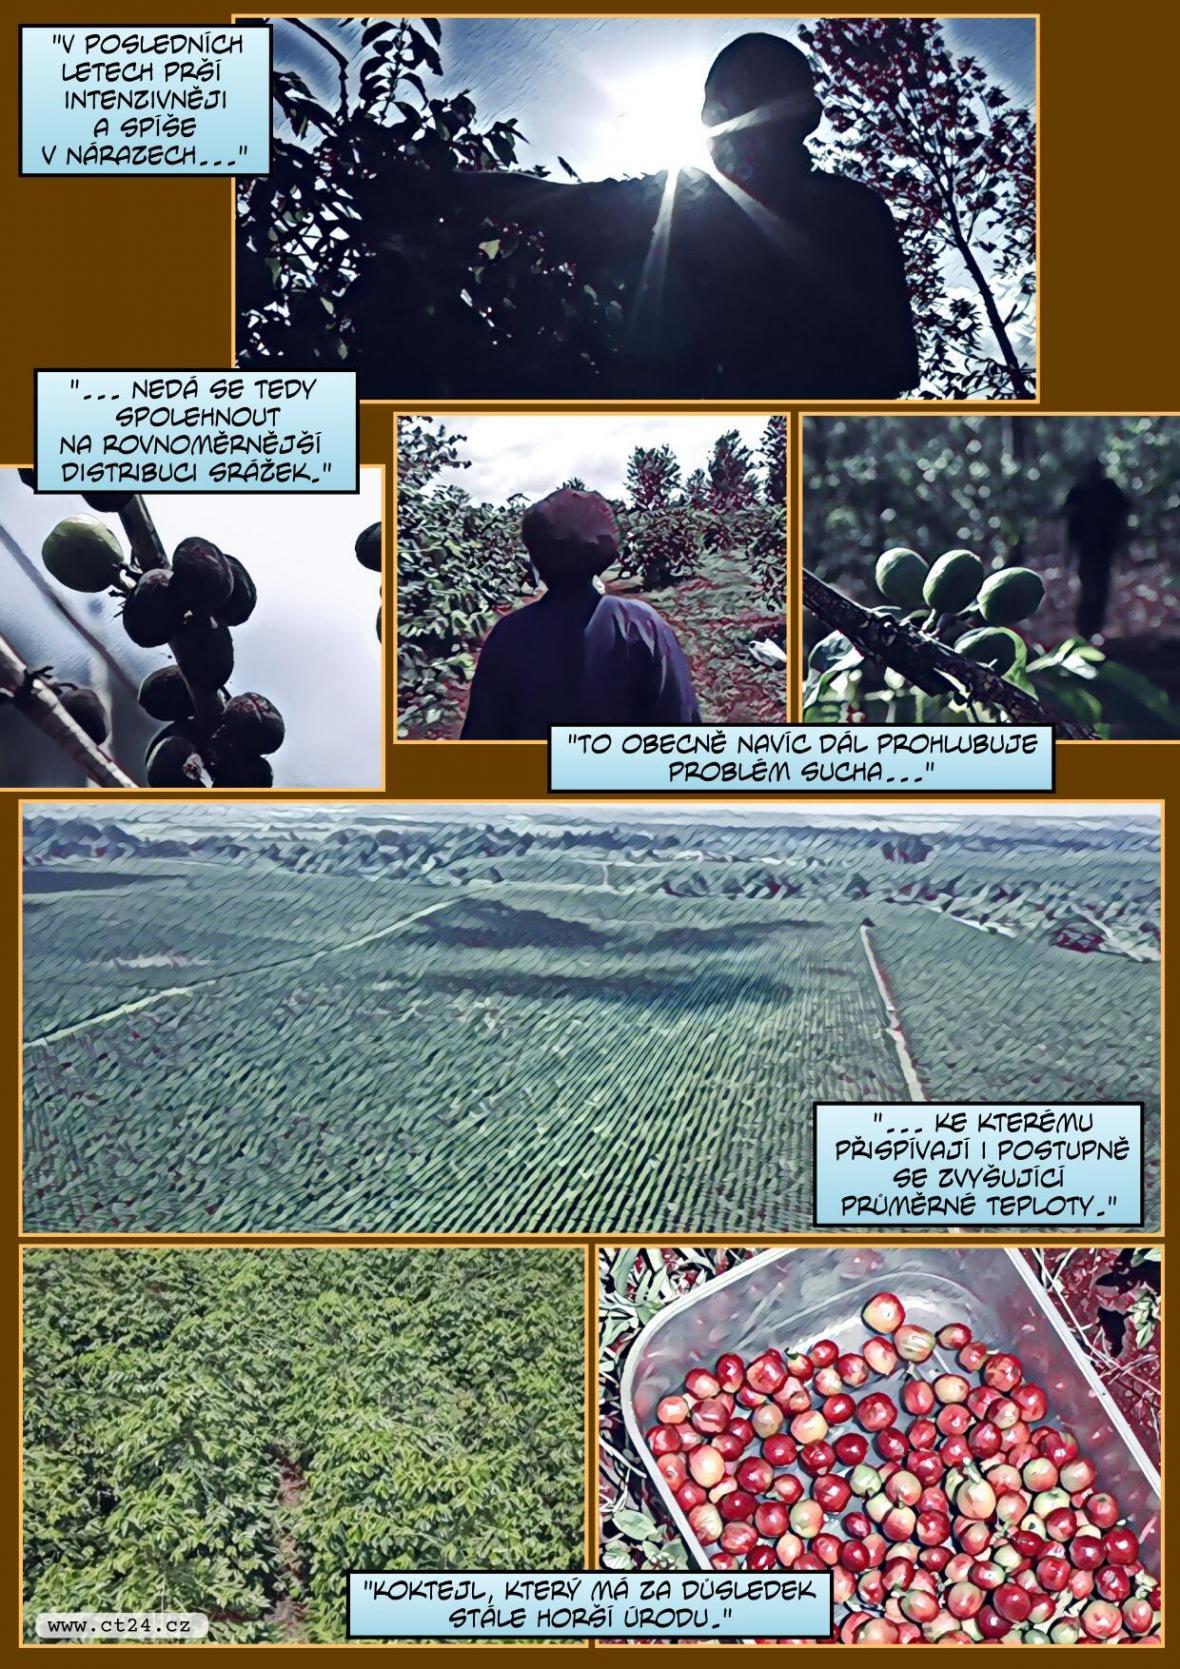 Pandemie a klimatické změny mají dopady na pěstování kávy